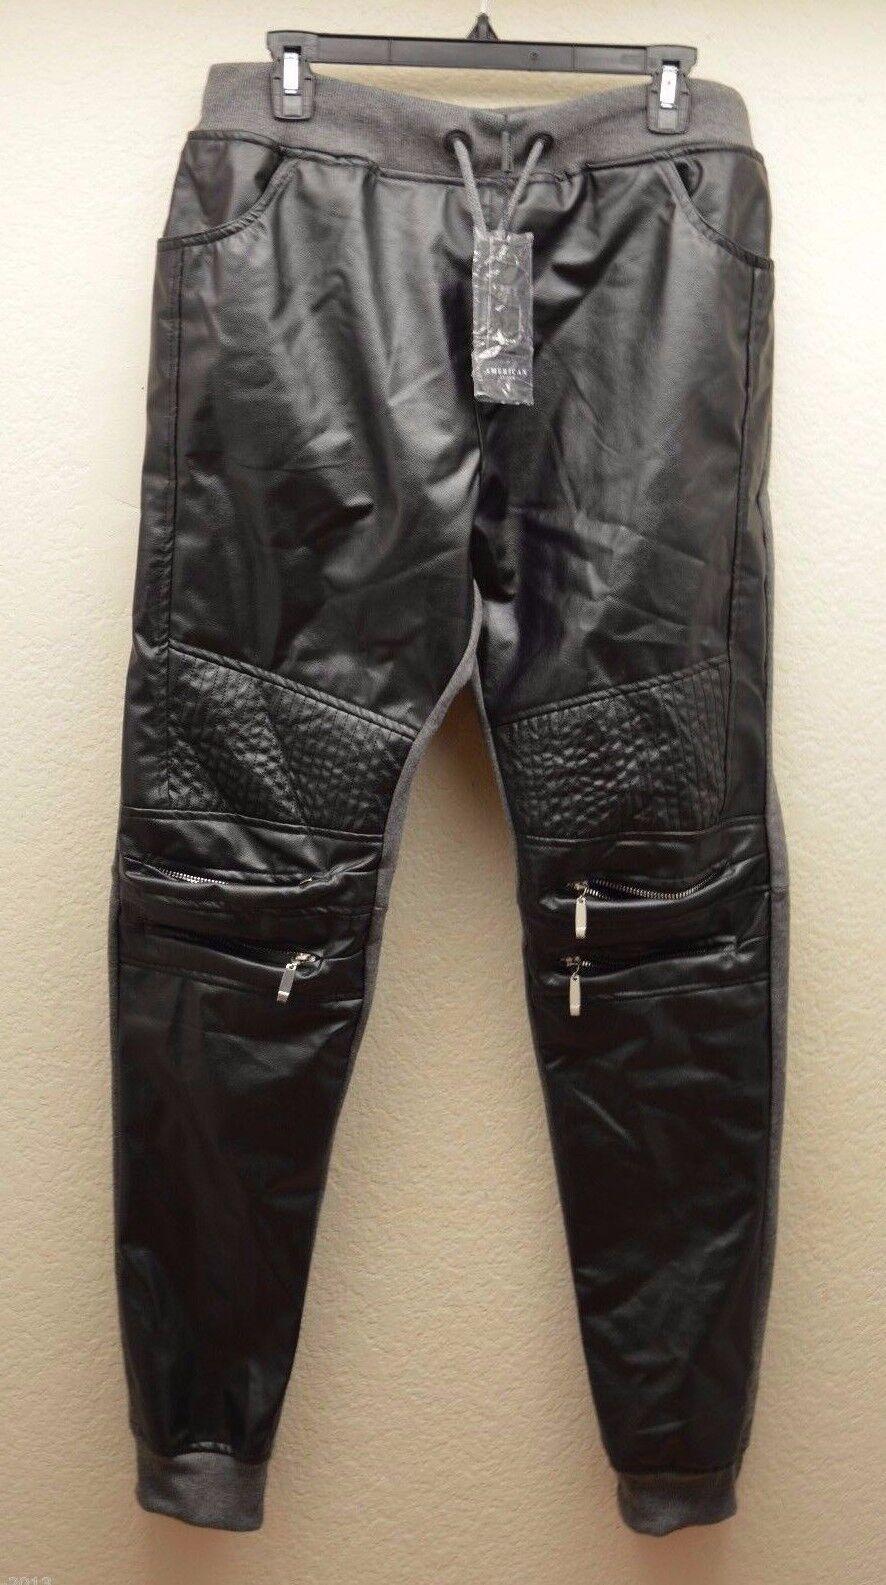 AMERICAN STITCH Zip Jog Men Sweat Slim Fit Pants Ribbed Waist Cuffs Size XL NEW